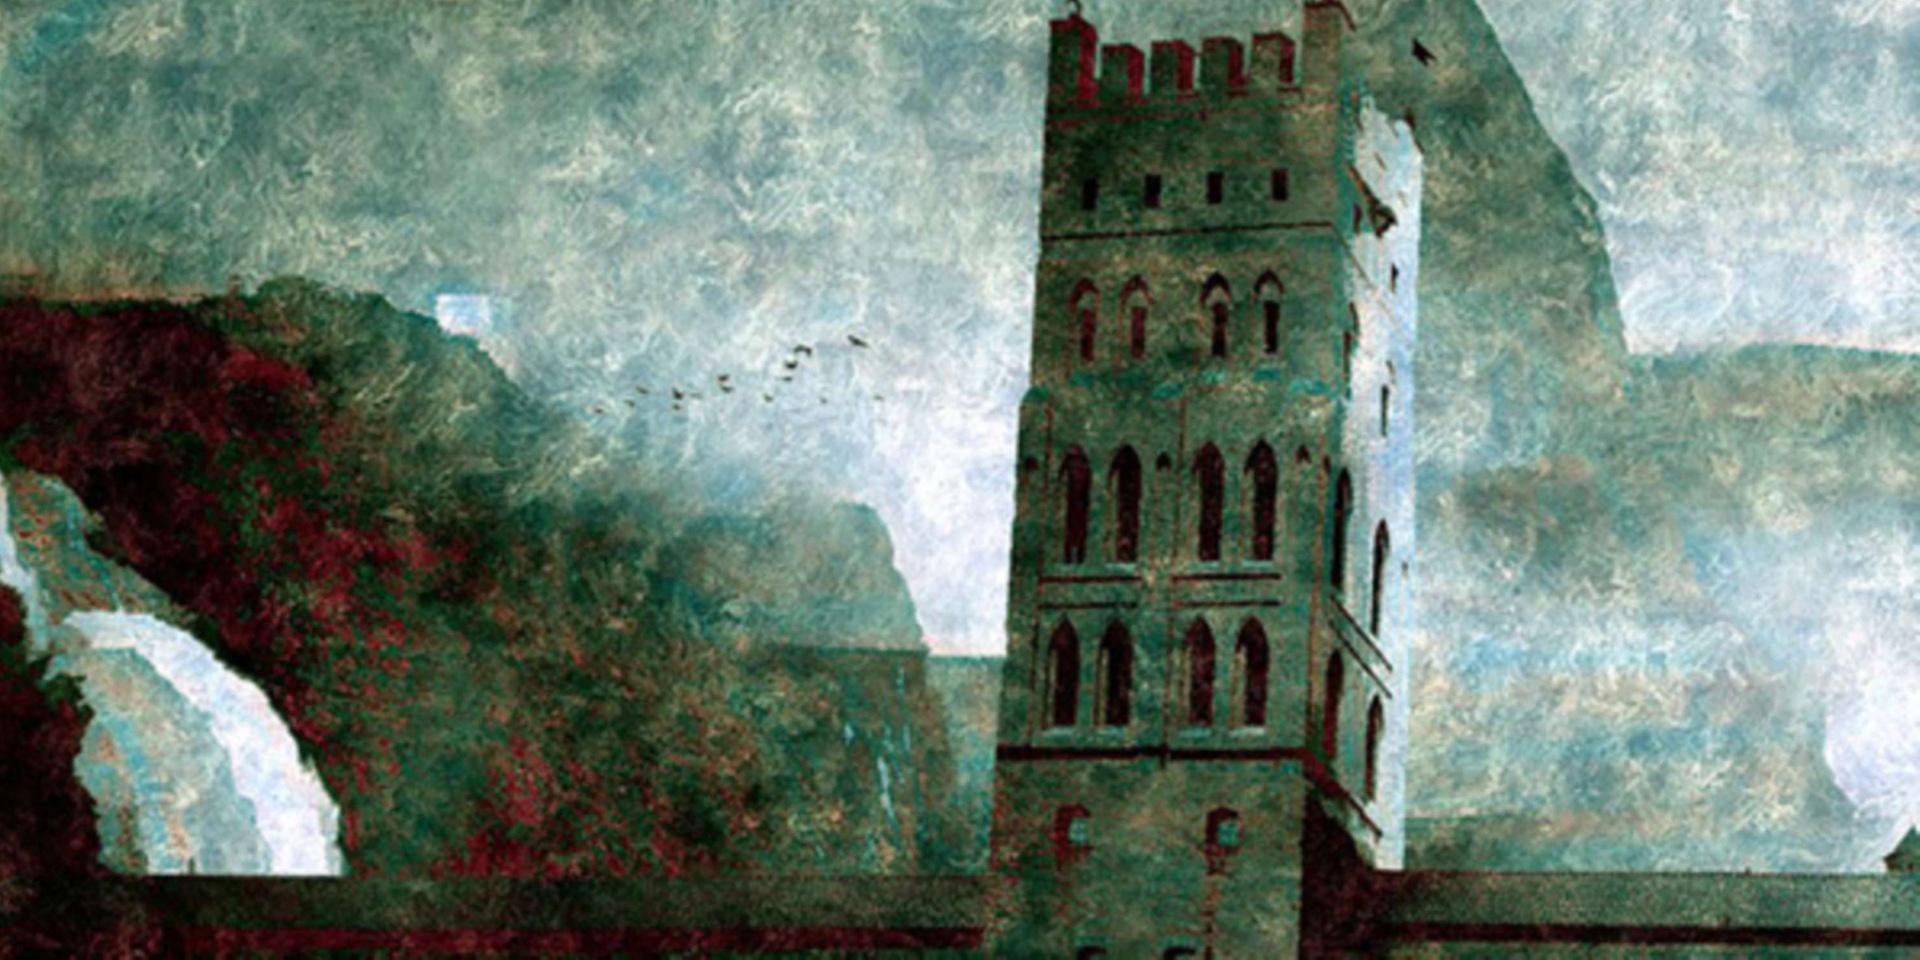 Camelot Unchained: Февральское письмо: сборка фундаментальных механик и сценарий осады в духе Хельмовой Пади